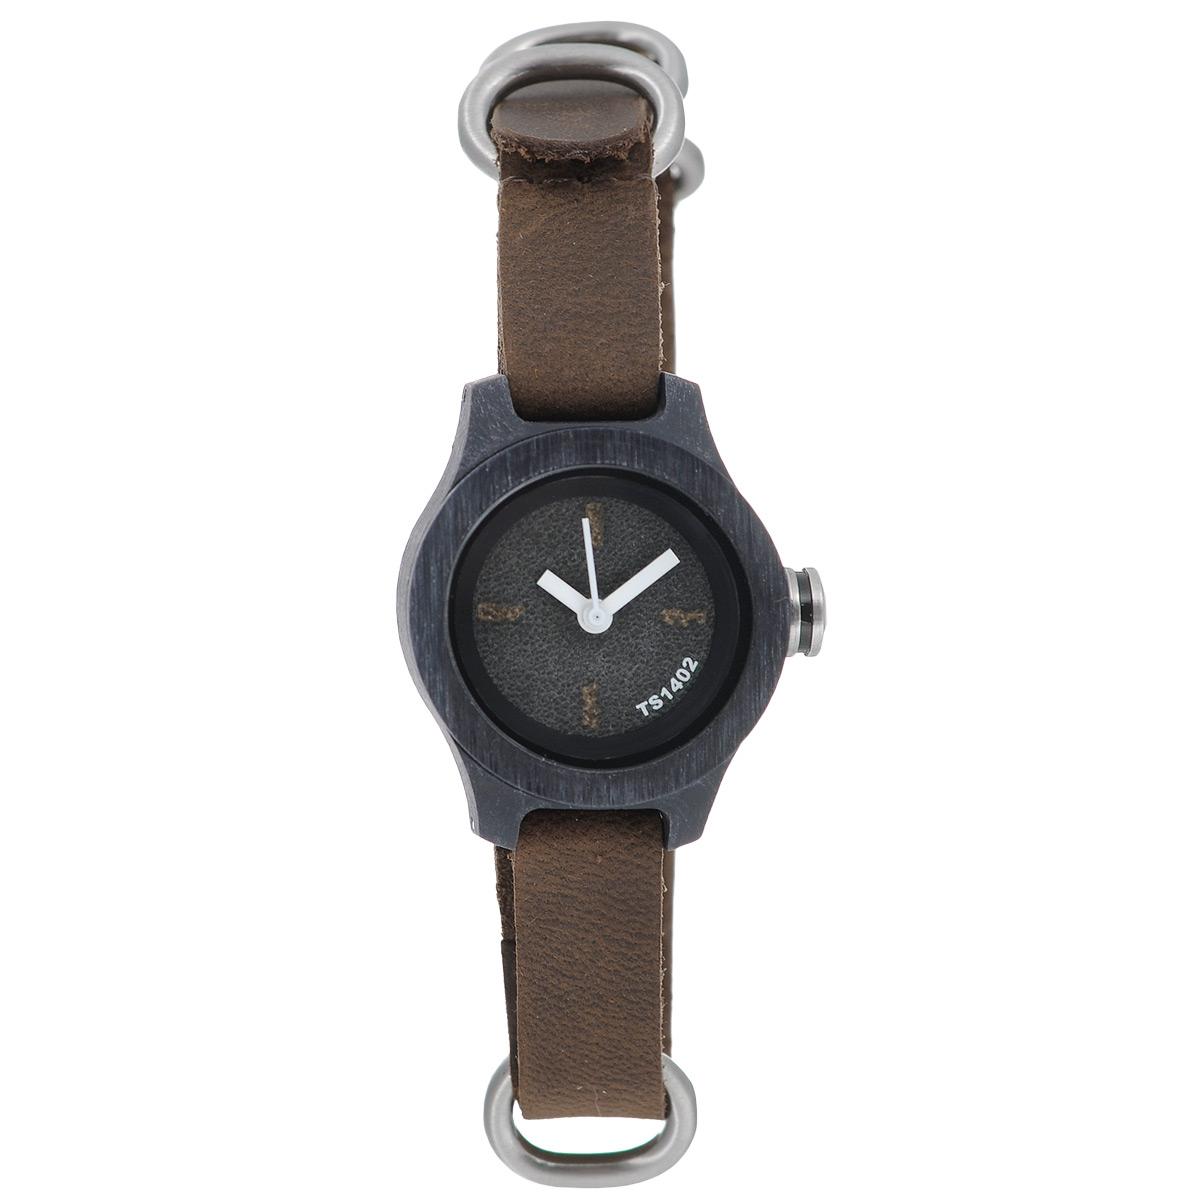 Часы наручные женские Tacs Nature S: Gray/Brown/White. TS1402ATS1402AОригинальные кварцевые наручные часы Tacs созданы для людей, ценящих качество, практичность и индивидуальность в каждой детали. Строгая цветовая гамма и минималистический дизайн позволяет сочетать часы с любыми предметами гардероба. Часы оснащены японским кварцевым механизмом Miyota 2036. Корпус выполнен из дерева. Цифры на циферблате отсутствуют. Циферблат защищен прочным минеральным стеклом, устойчивым к царапинам и повреждениям. Браслет часов, выполненный из натуральной кожи коричневого цвета, долговечен и очень практичен в использовании. Застегивается на классическую застежку-пряжку. Оригинальные яркие часы Tacs покорят вас неординарным дизайном, а высокое качество и практичность позволят использовать их долгие годы. Благодаря необычному дизайну часы выделят вас из толпы и подчеркнут вашу индивидуальность. Часы Tacs - это высококачественная продукция, соответствующая образу жизни героя современного мегаполиса. В дизайн каждой модели часов...